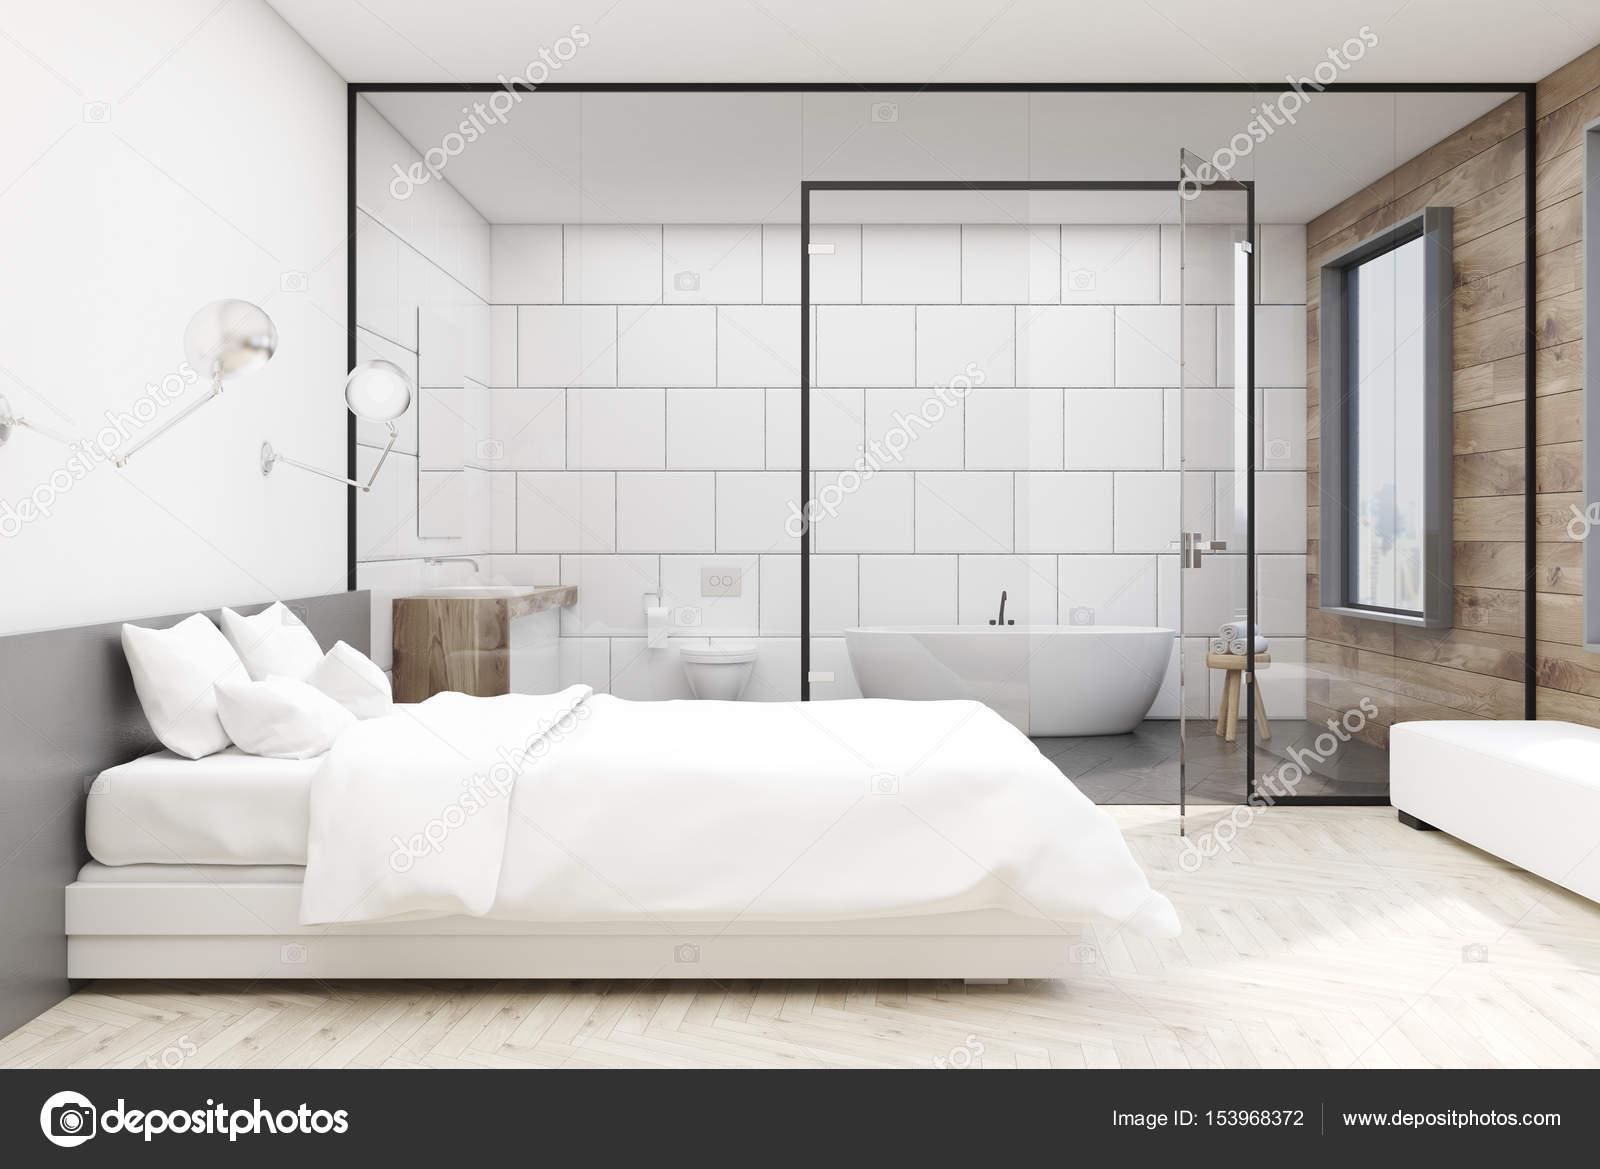 Bagno In Camera Con Vetrata : Camera da letto con bagno bianco anteriore u2014 foto stock